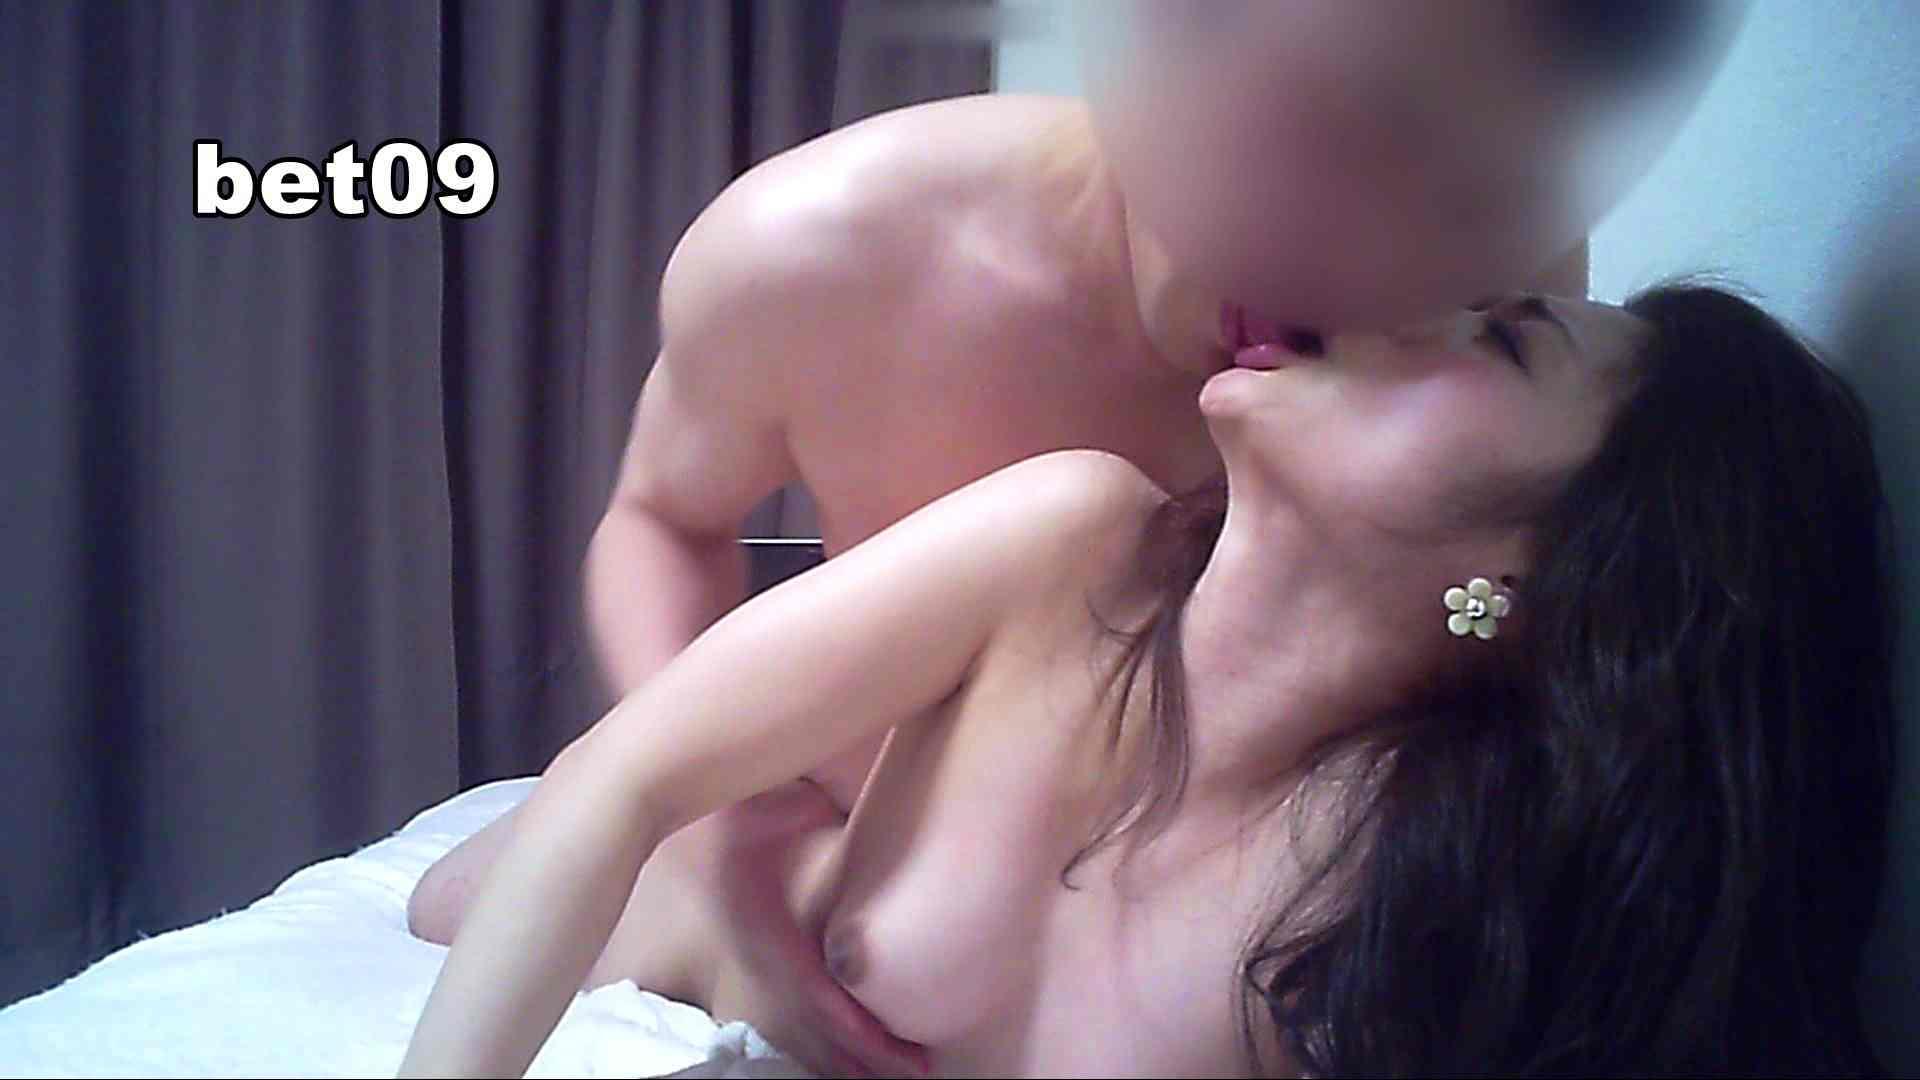 ミキ・大手旅行代理店勤務(24歳・仮名) vol.09 ミキの顔が紅潮してきます リベンジ | セックスする女性達  46画像 37